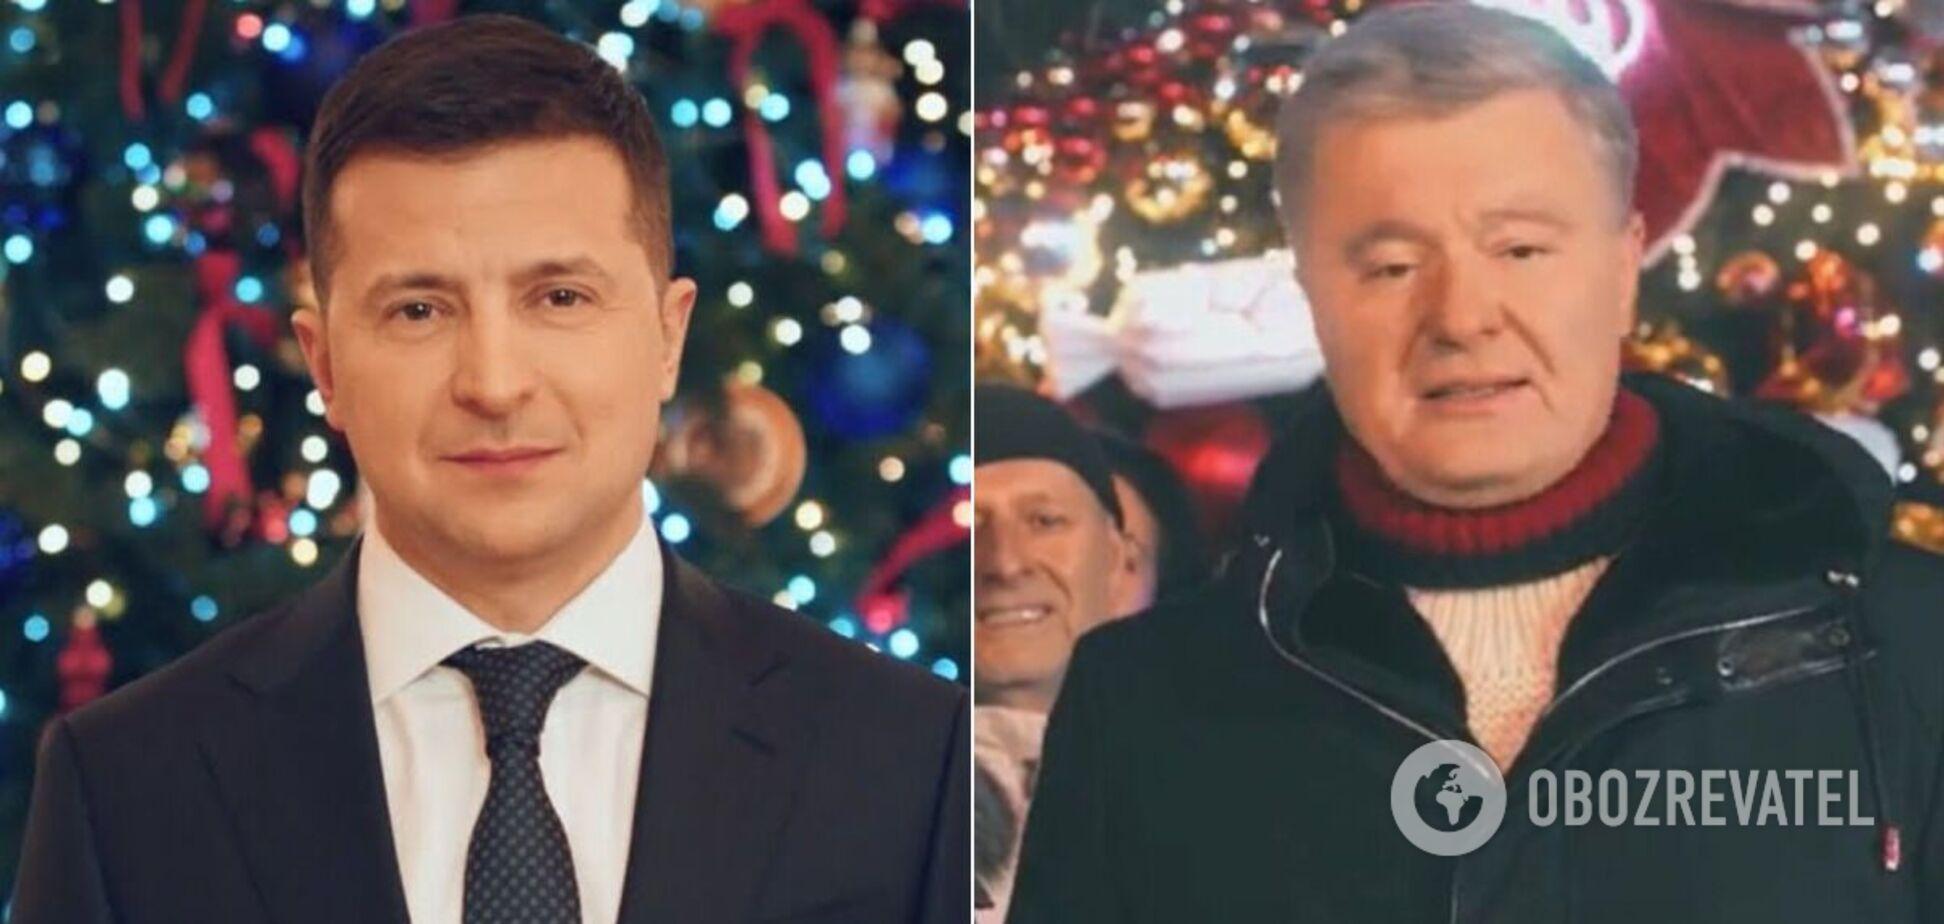 Зеленський і Порошенко привітали з Новим роком